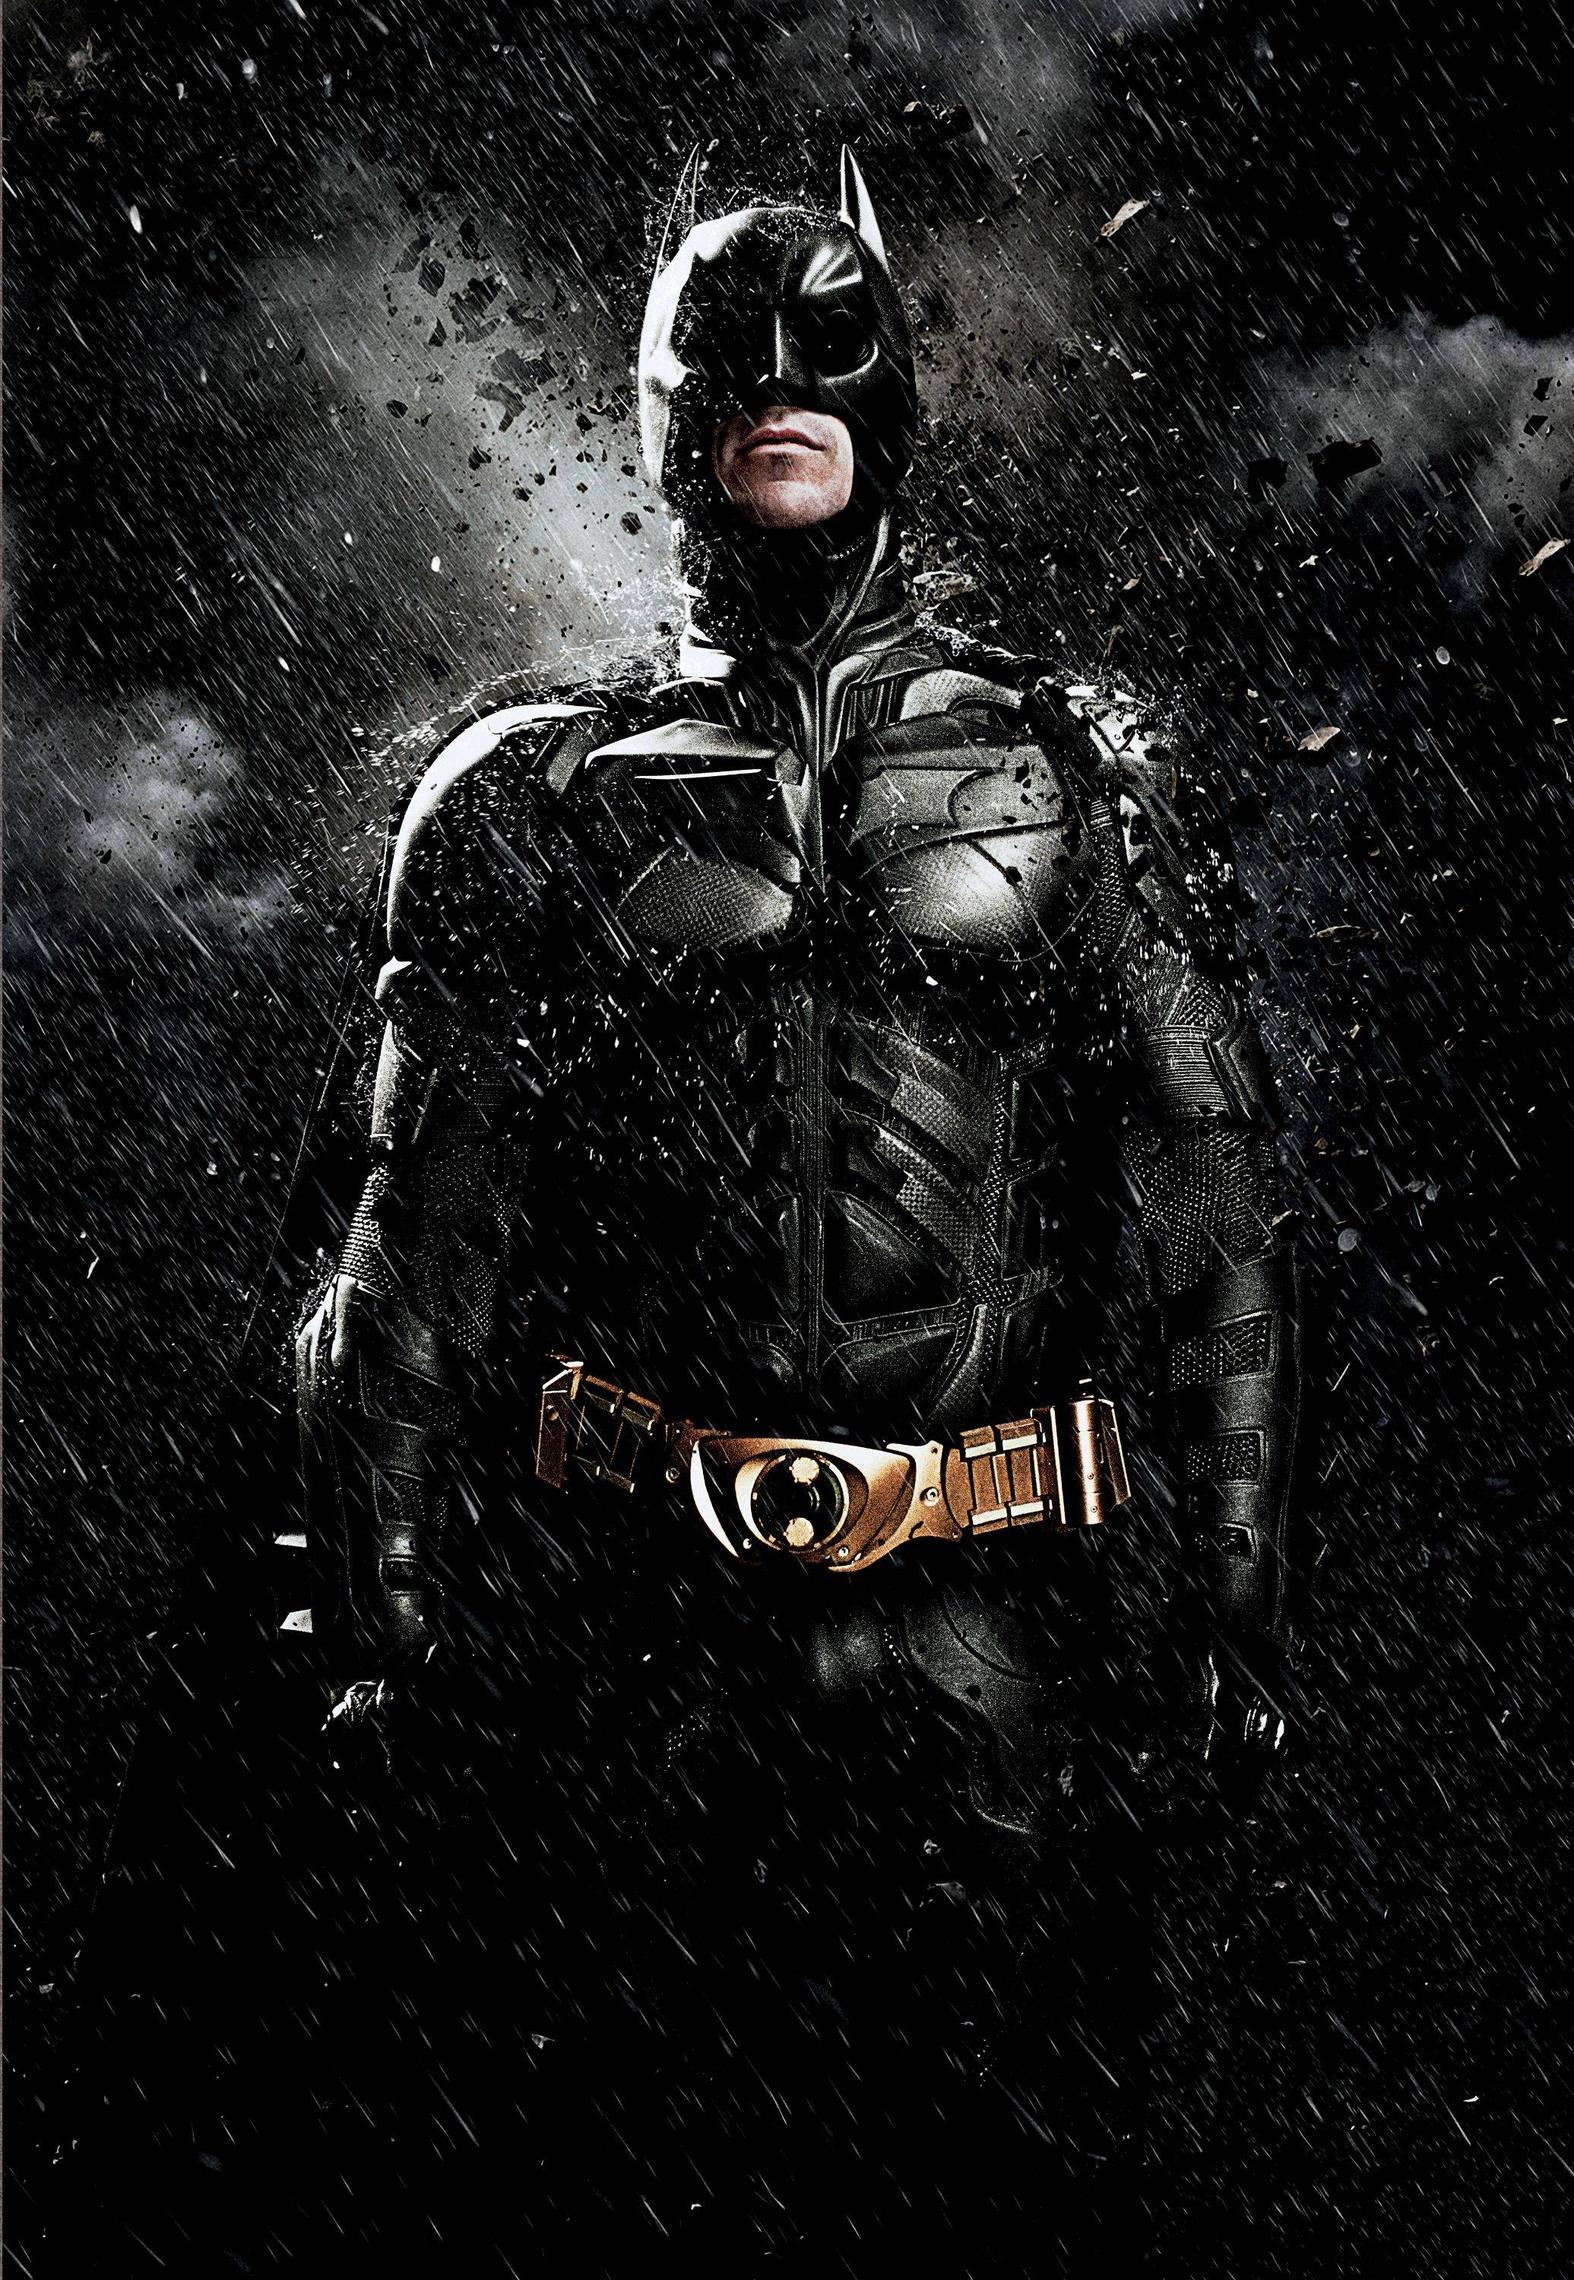 Christian Bale: Beyond Batman